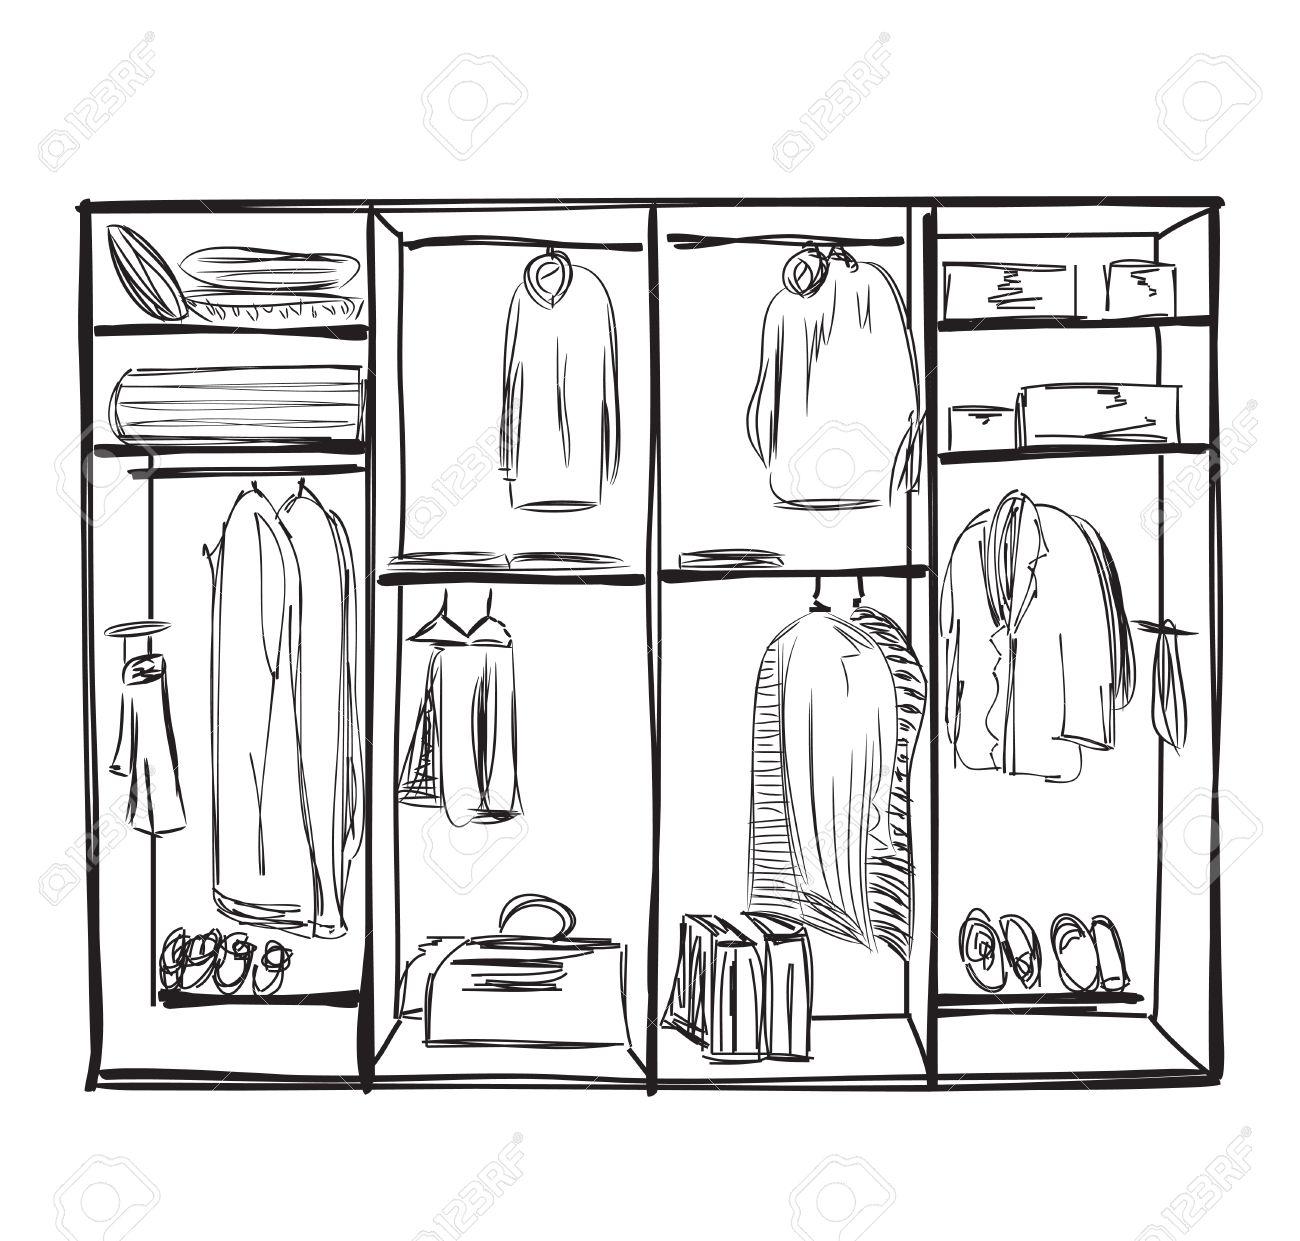 Kleiderschrank gezeichnet  Hand Drawn Wardrobe Sketch. Furniture For Clothes. Royalty Free ...